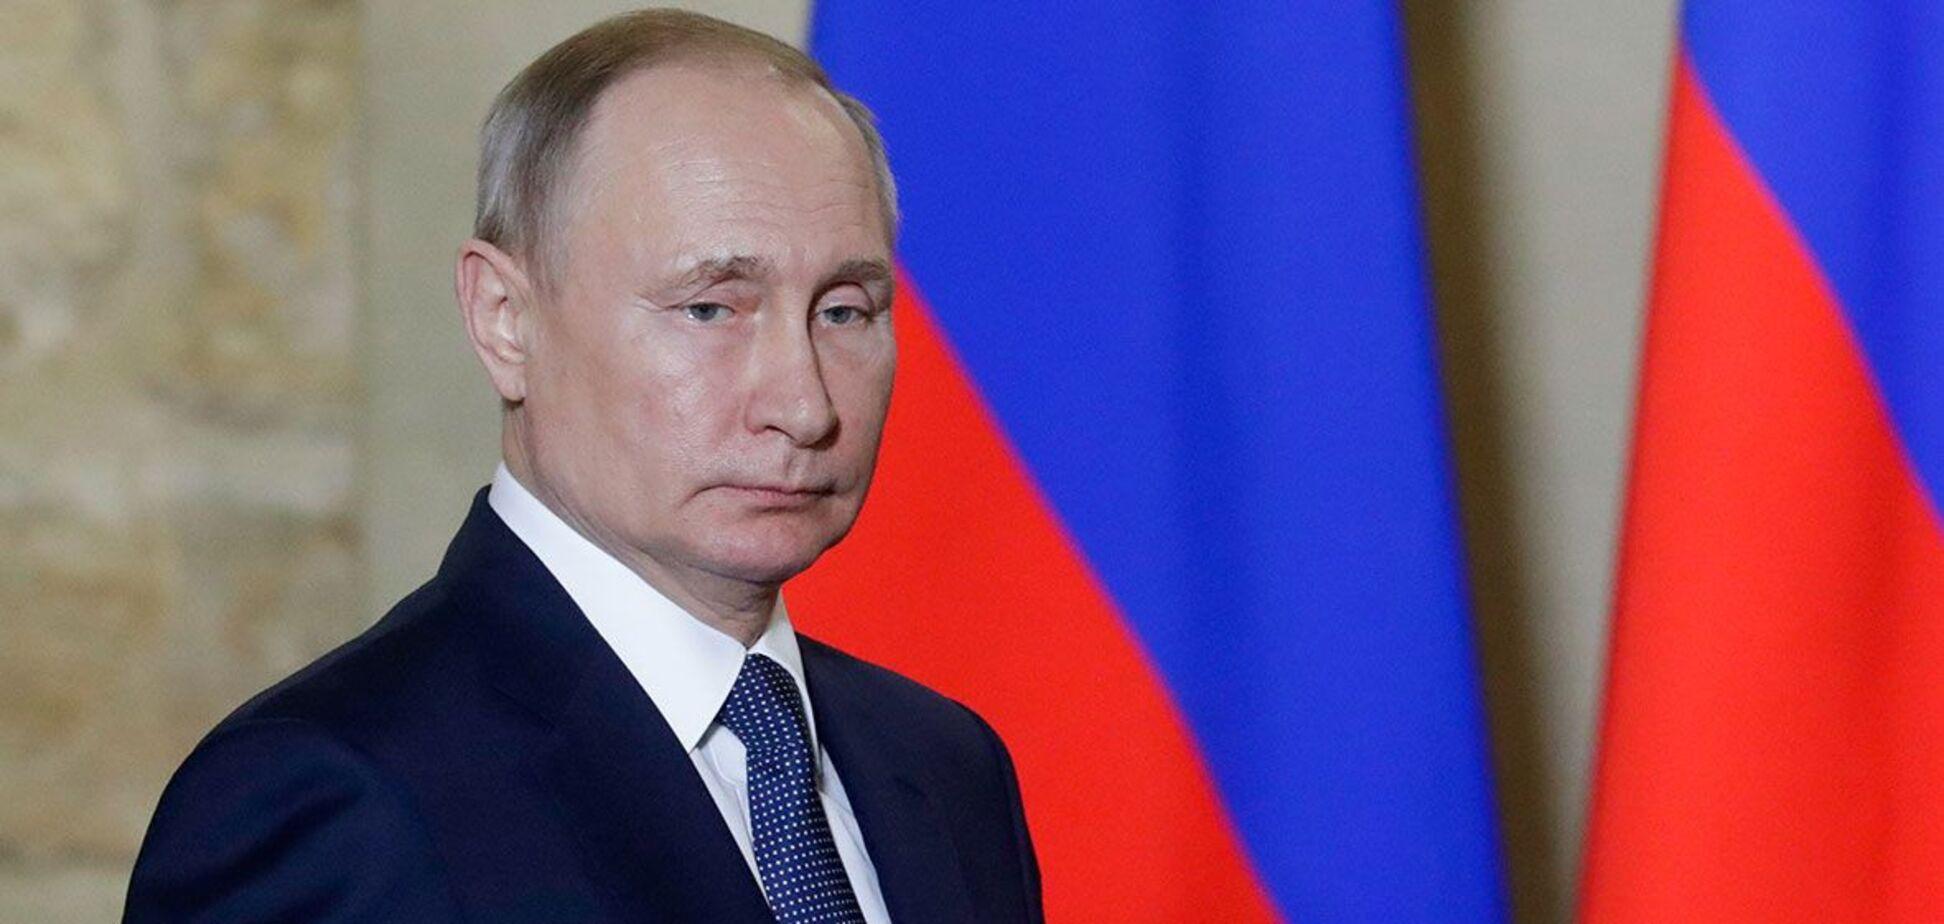 Путин заявил, что Россия готова снять санкции против Украины